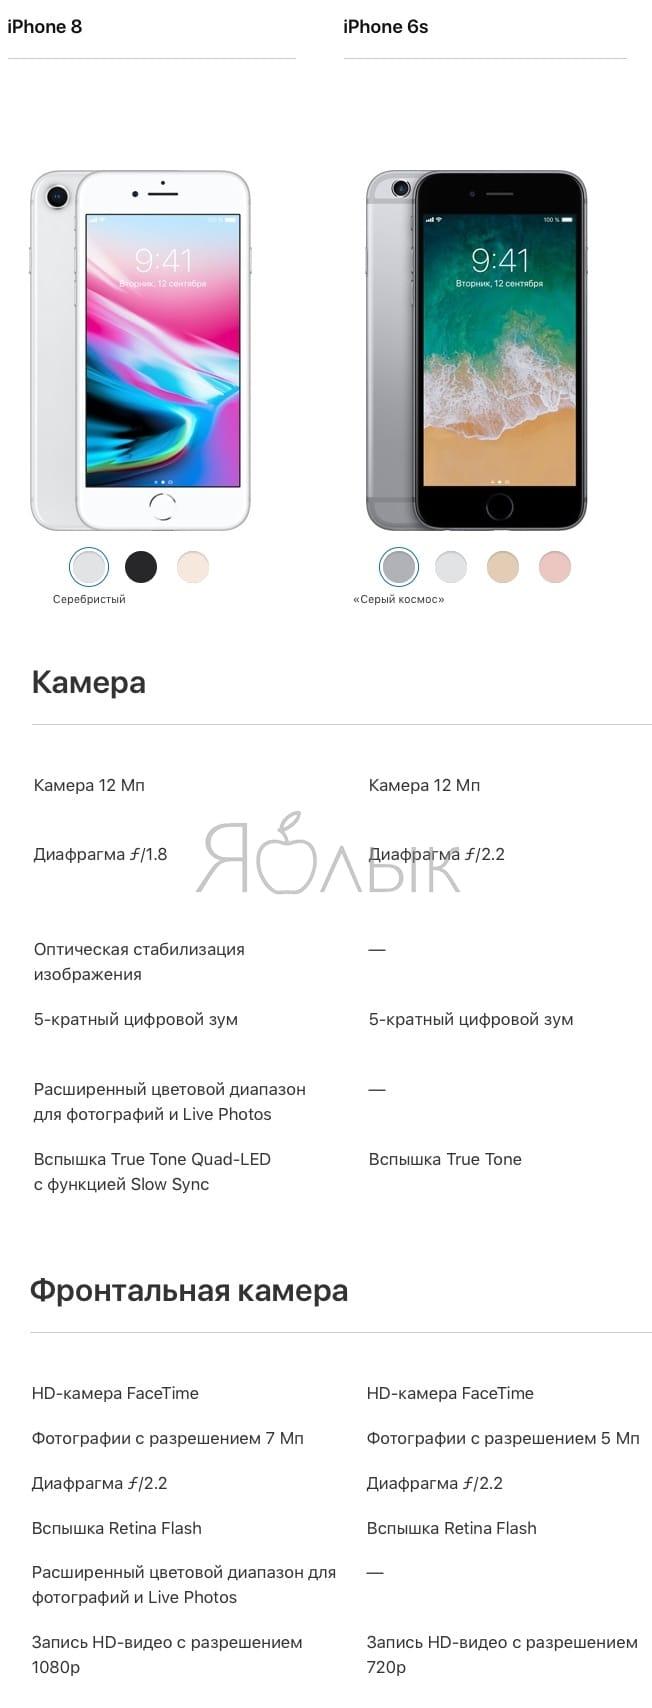 Сравнение технических харктеристик камер iPhone 8 и iPhone 6s